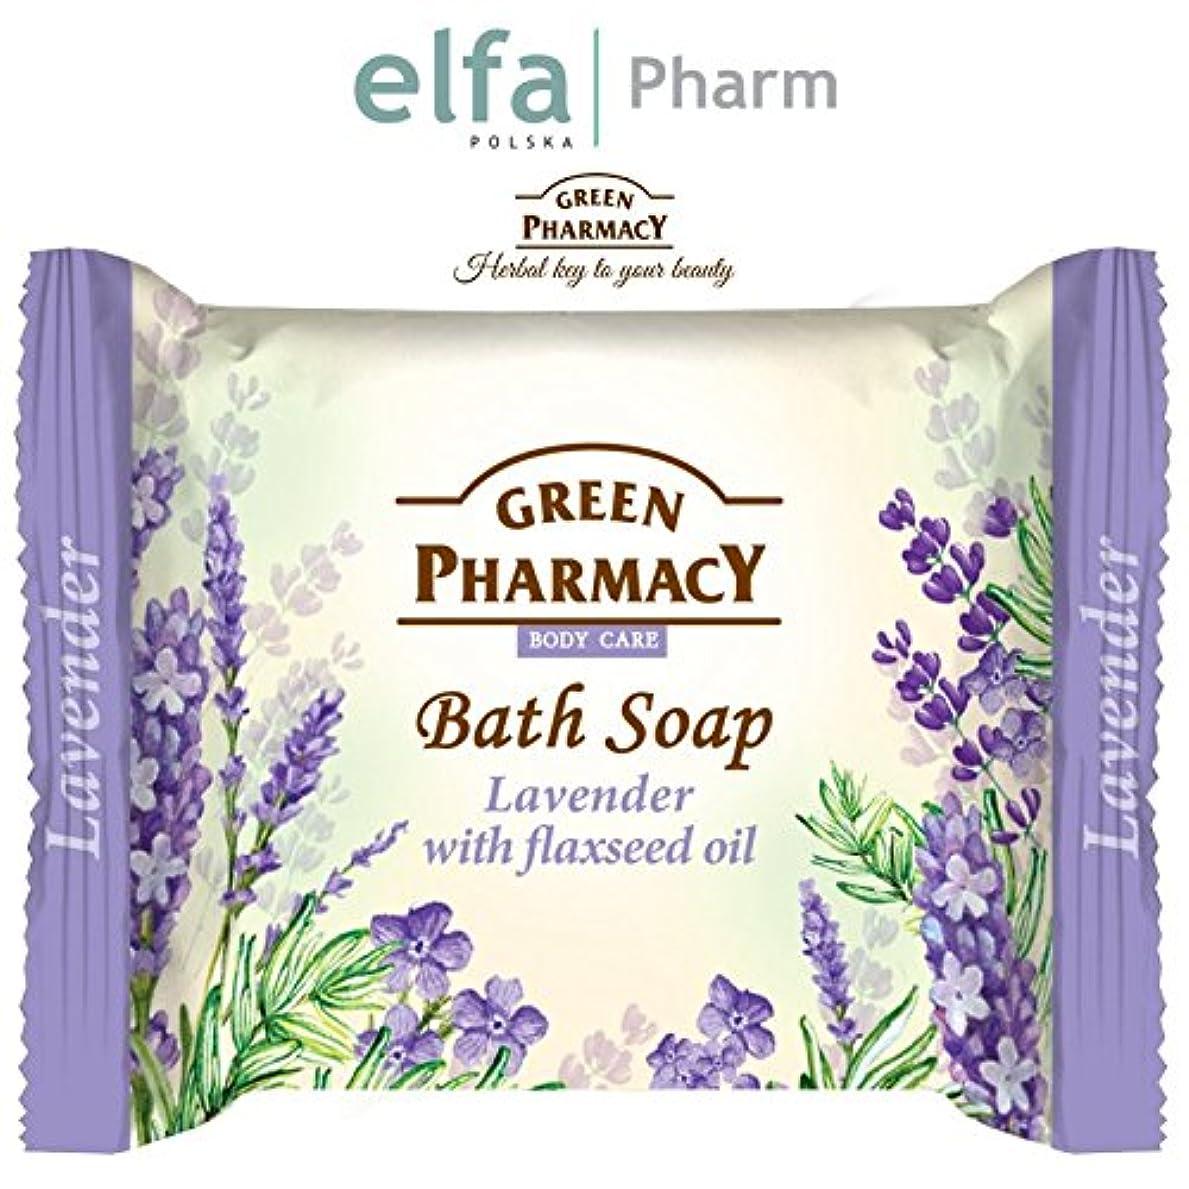 マーティフィールディングヘビー要求する石鹸 固形 安心?安全 古代からのハーブの知識を生かして作られた固形せっけん ポーランドのグリーンファーマシー elfa Pharm Green Pharmacy Bath Soap Lavender with Flaxseed...